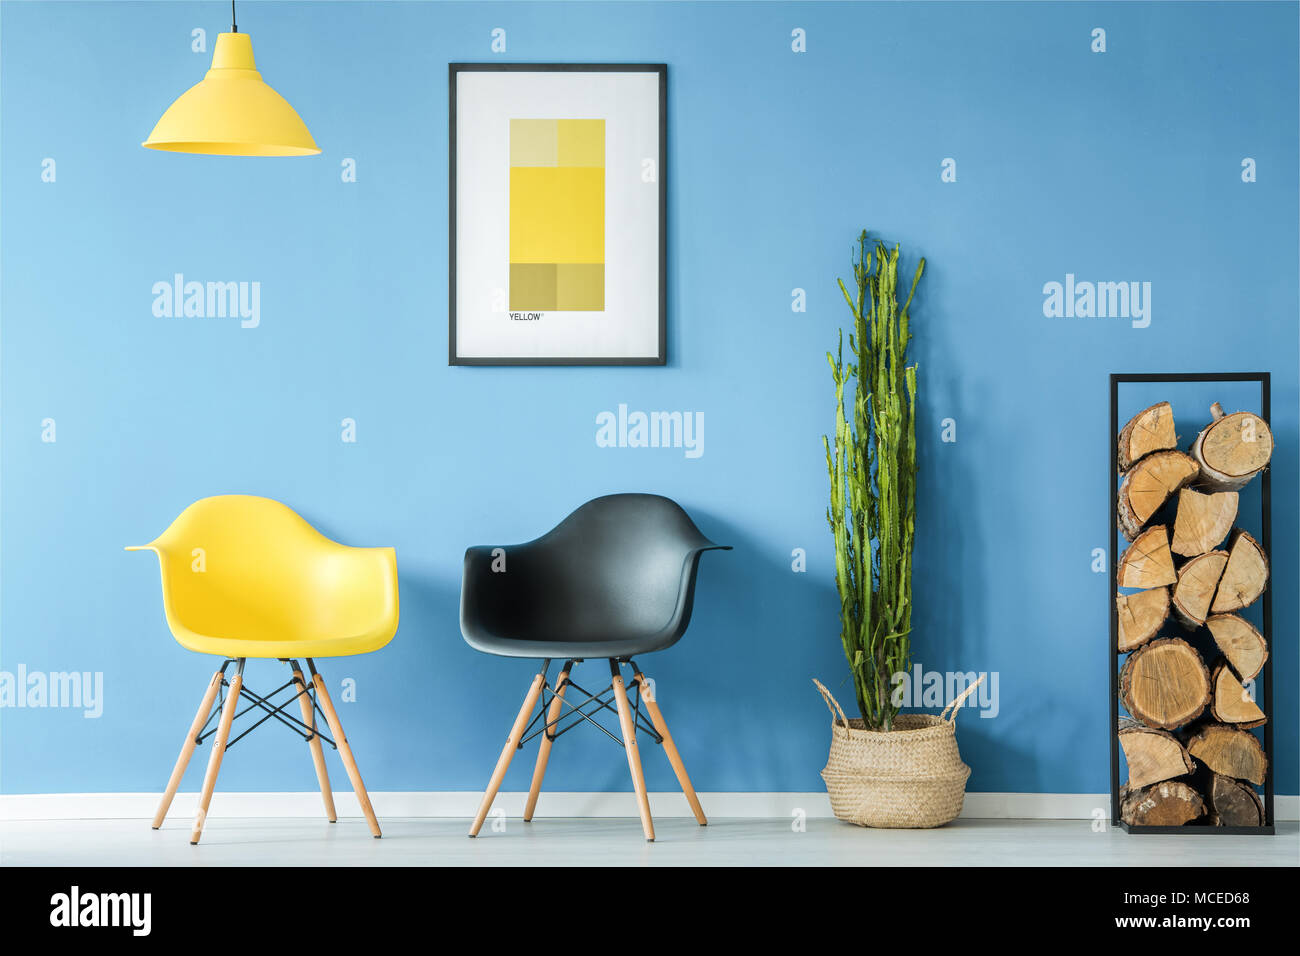 Wartezimmer interieur im minimalistischen stil mit kontrastierenden